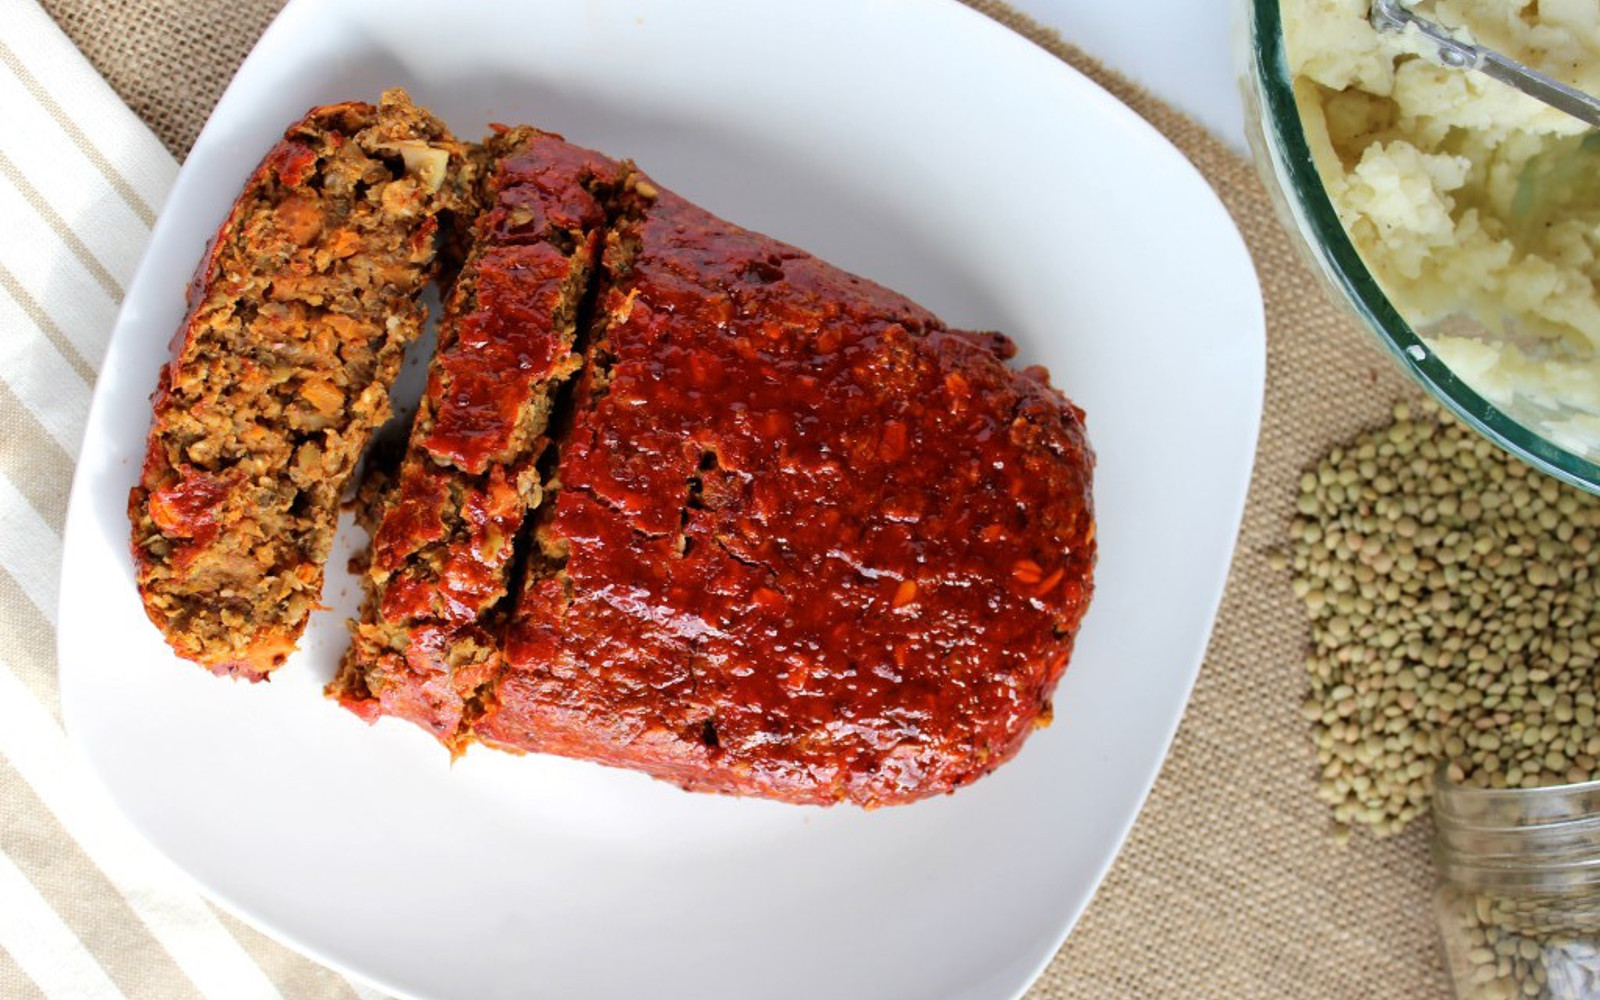 maple glazed mushroom and lentil loaf